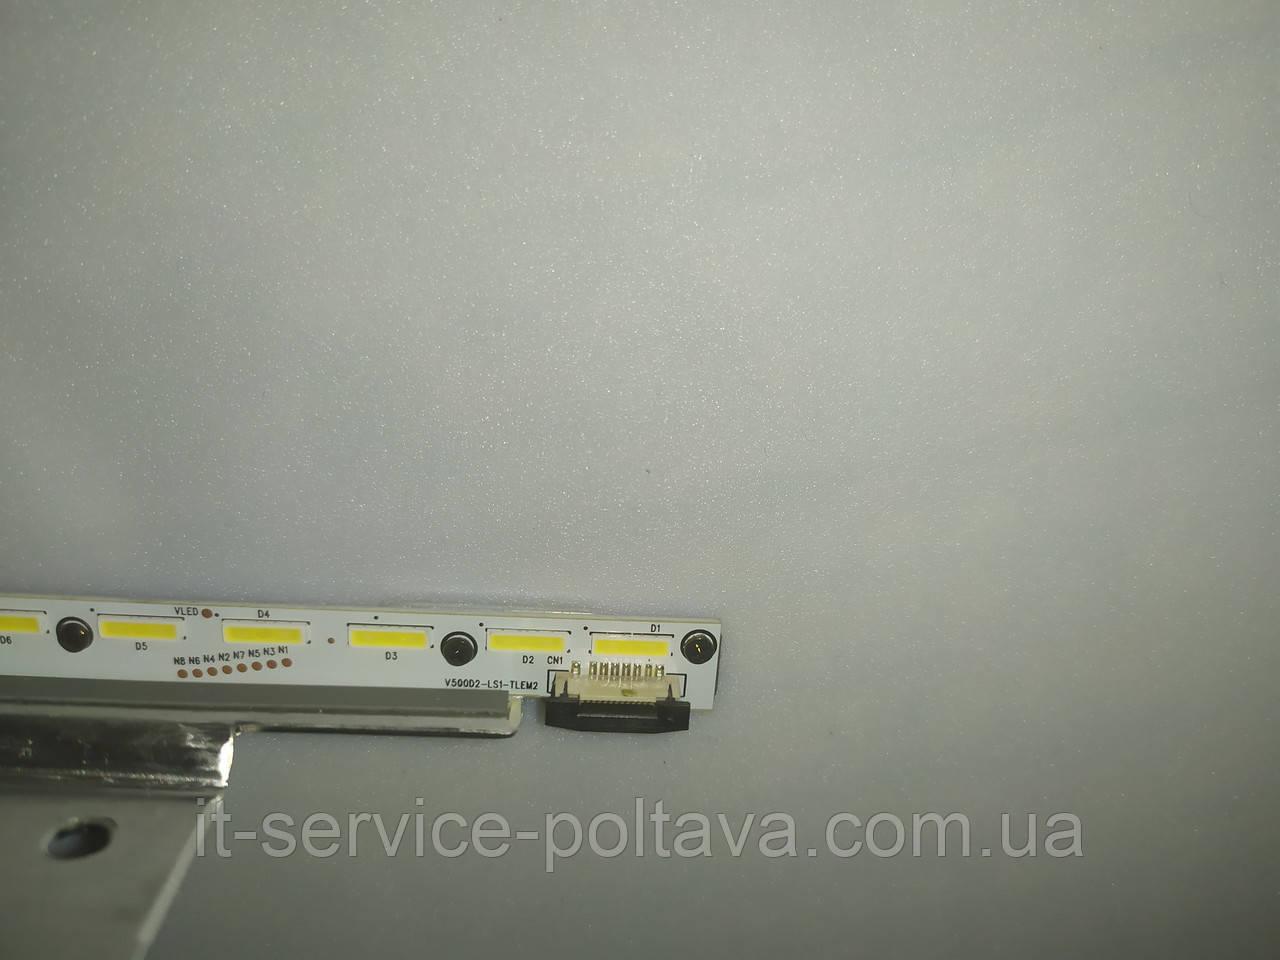 LED підсвічування V50002-LS1-TLEM2 для телевізора Philips